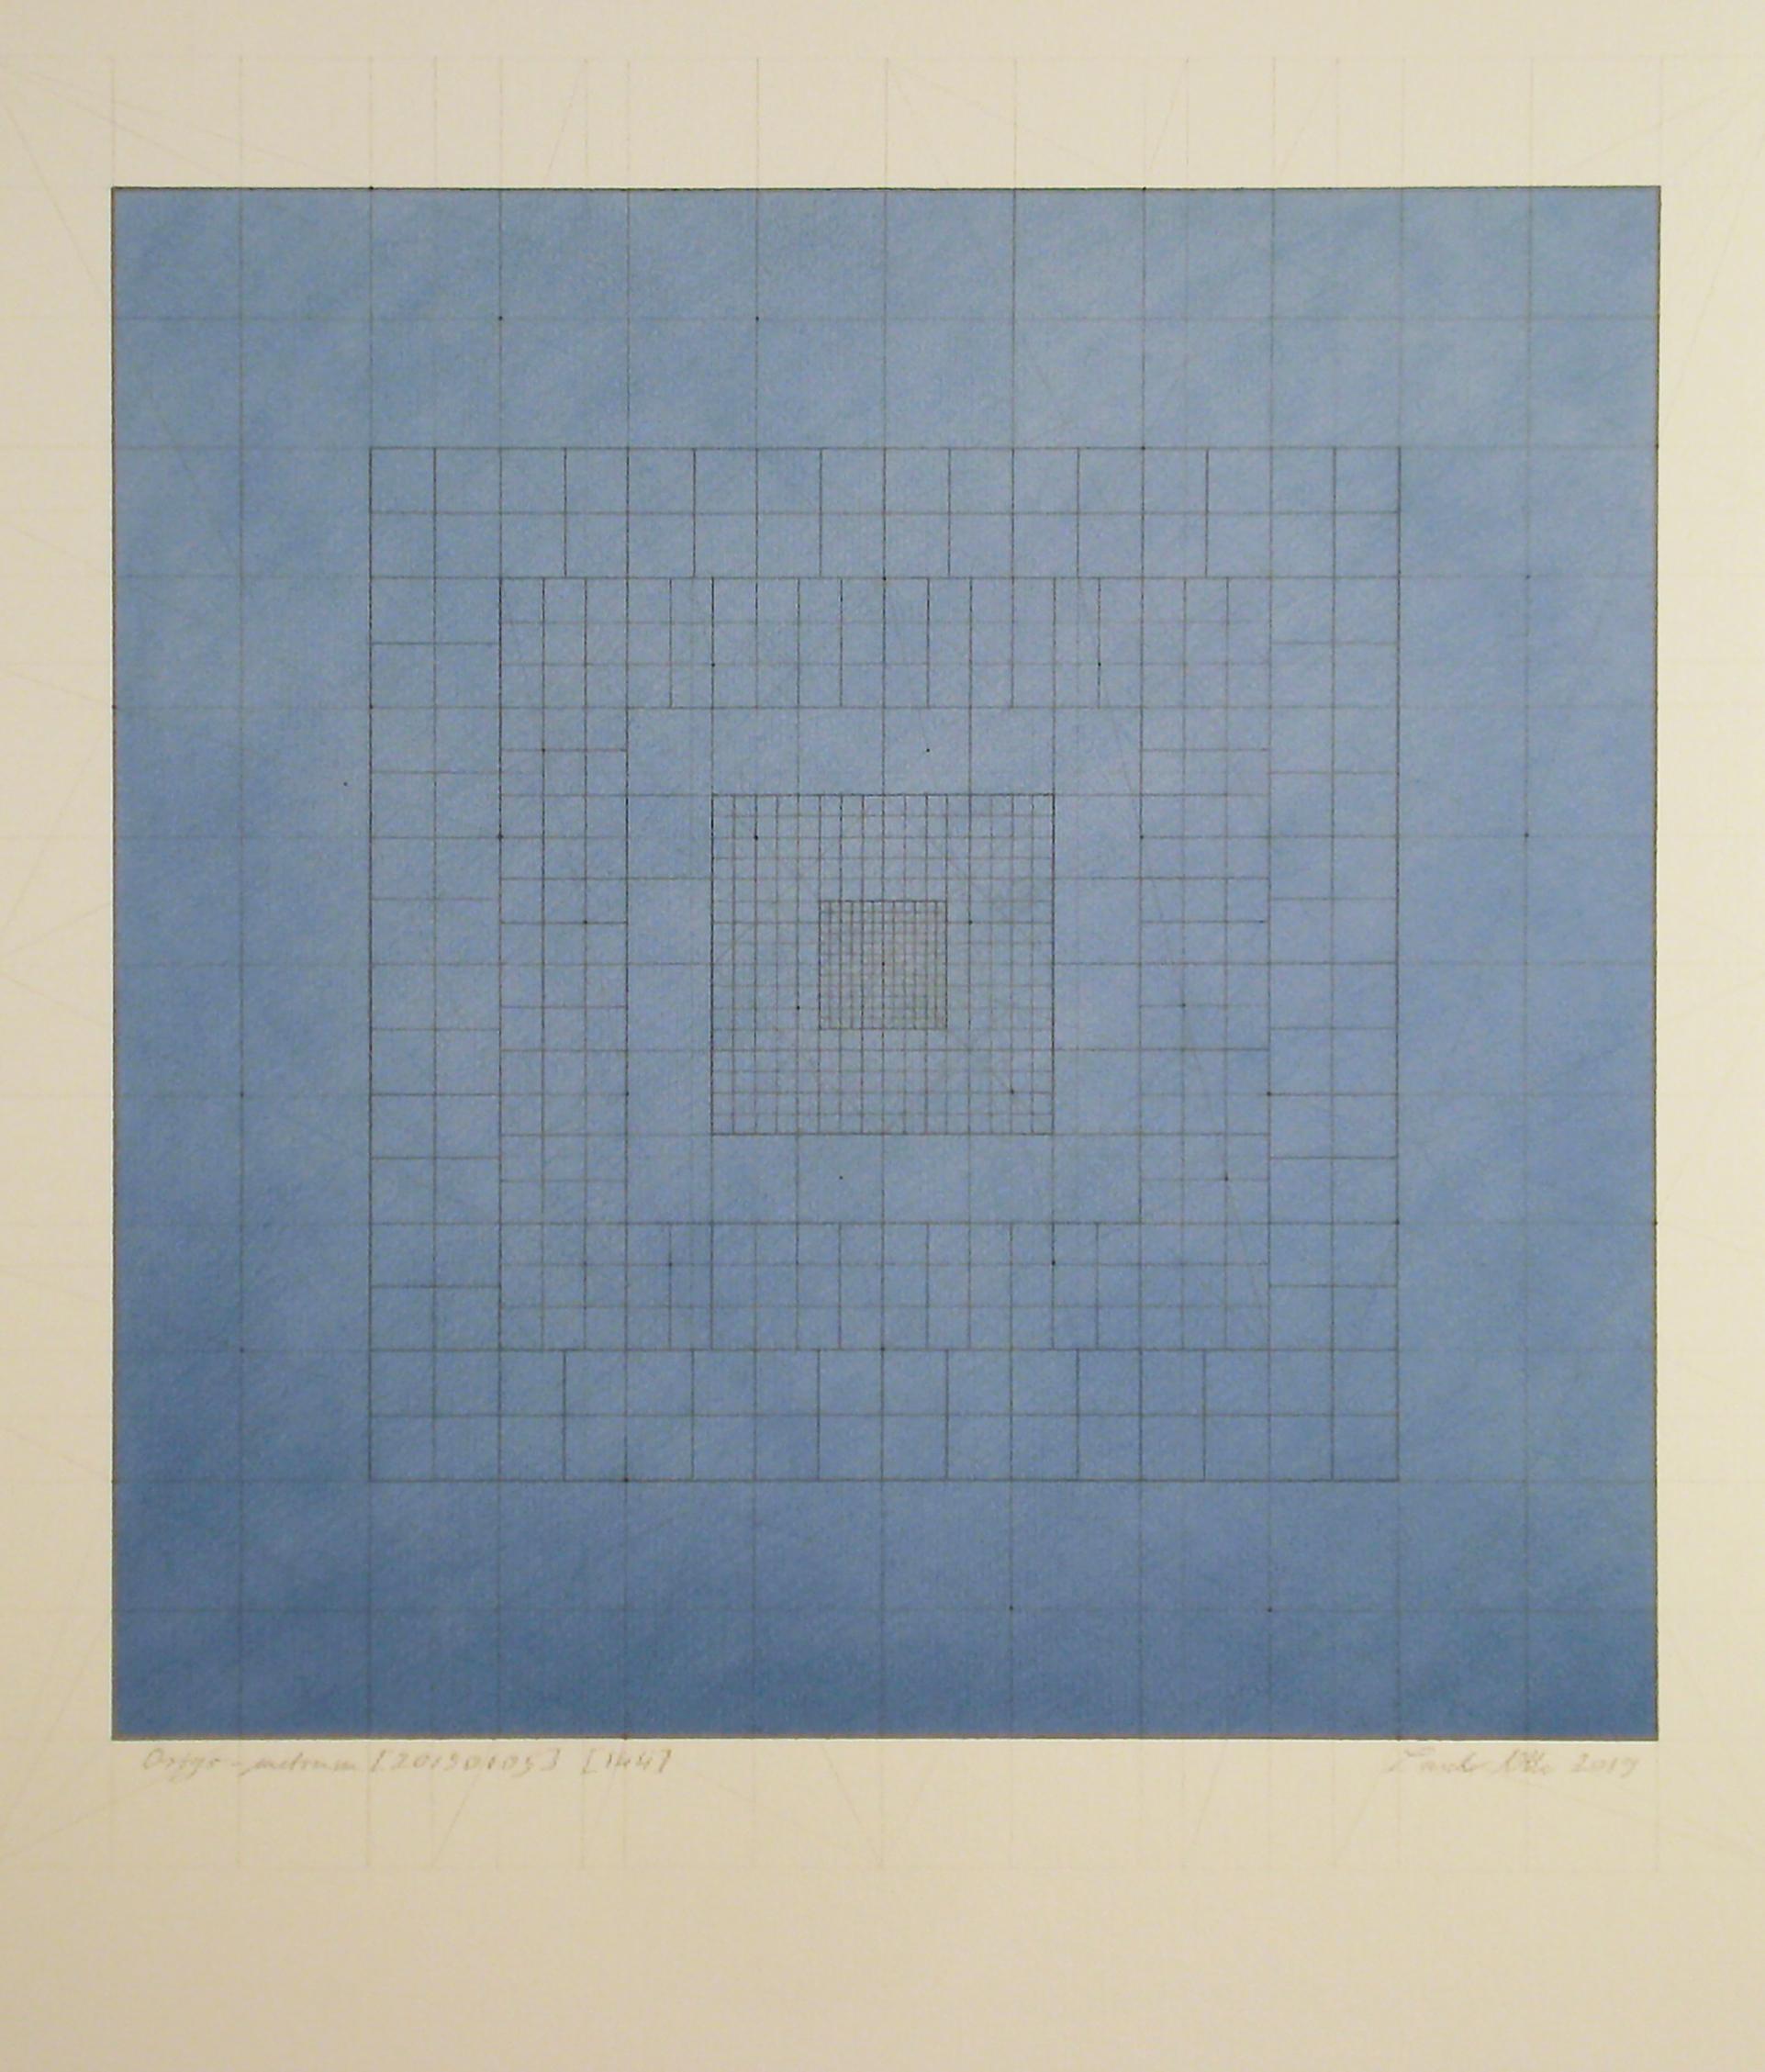 Origo-metrum [20190105], pencil on paper, color pigment, 27 5/8 x 19 11/16 in. [70x50cm]